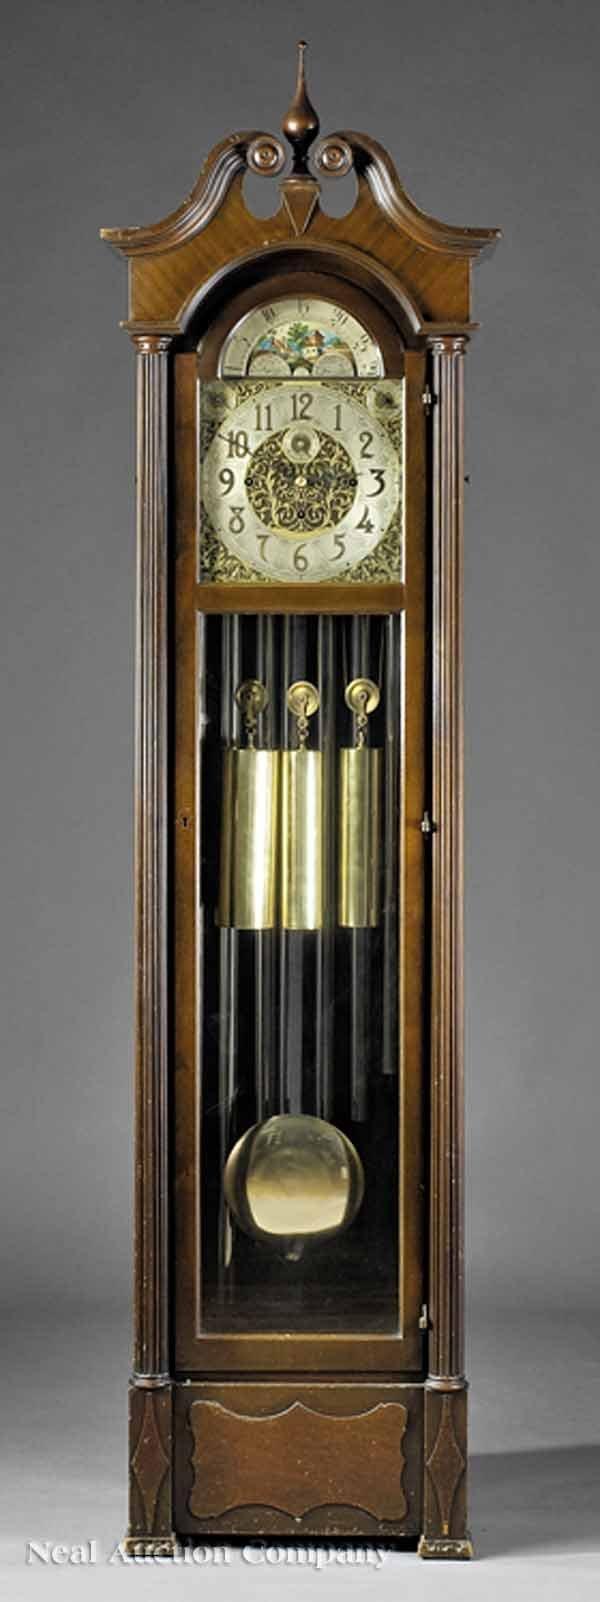 648: Mahogany Tall Case Clock, Hanson Clock Co.